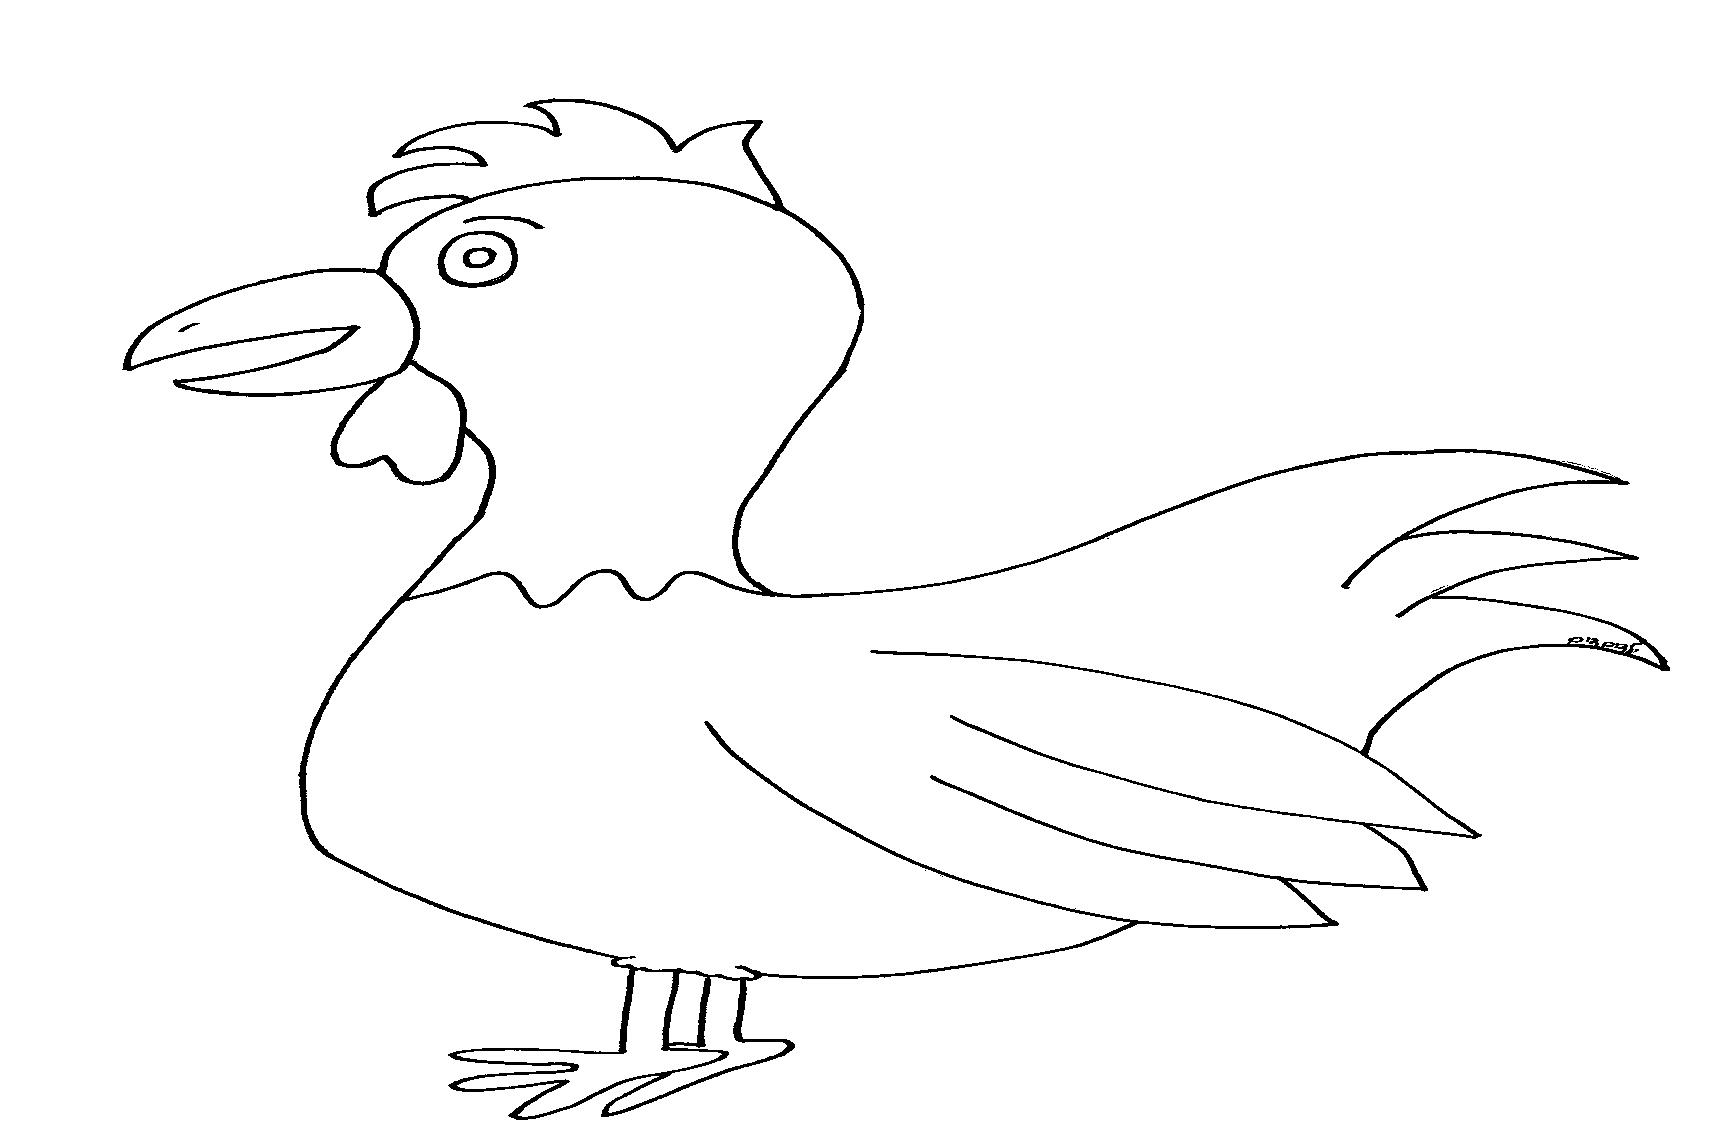 דף ציור תרנגול